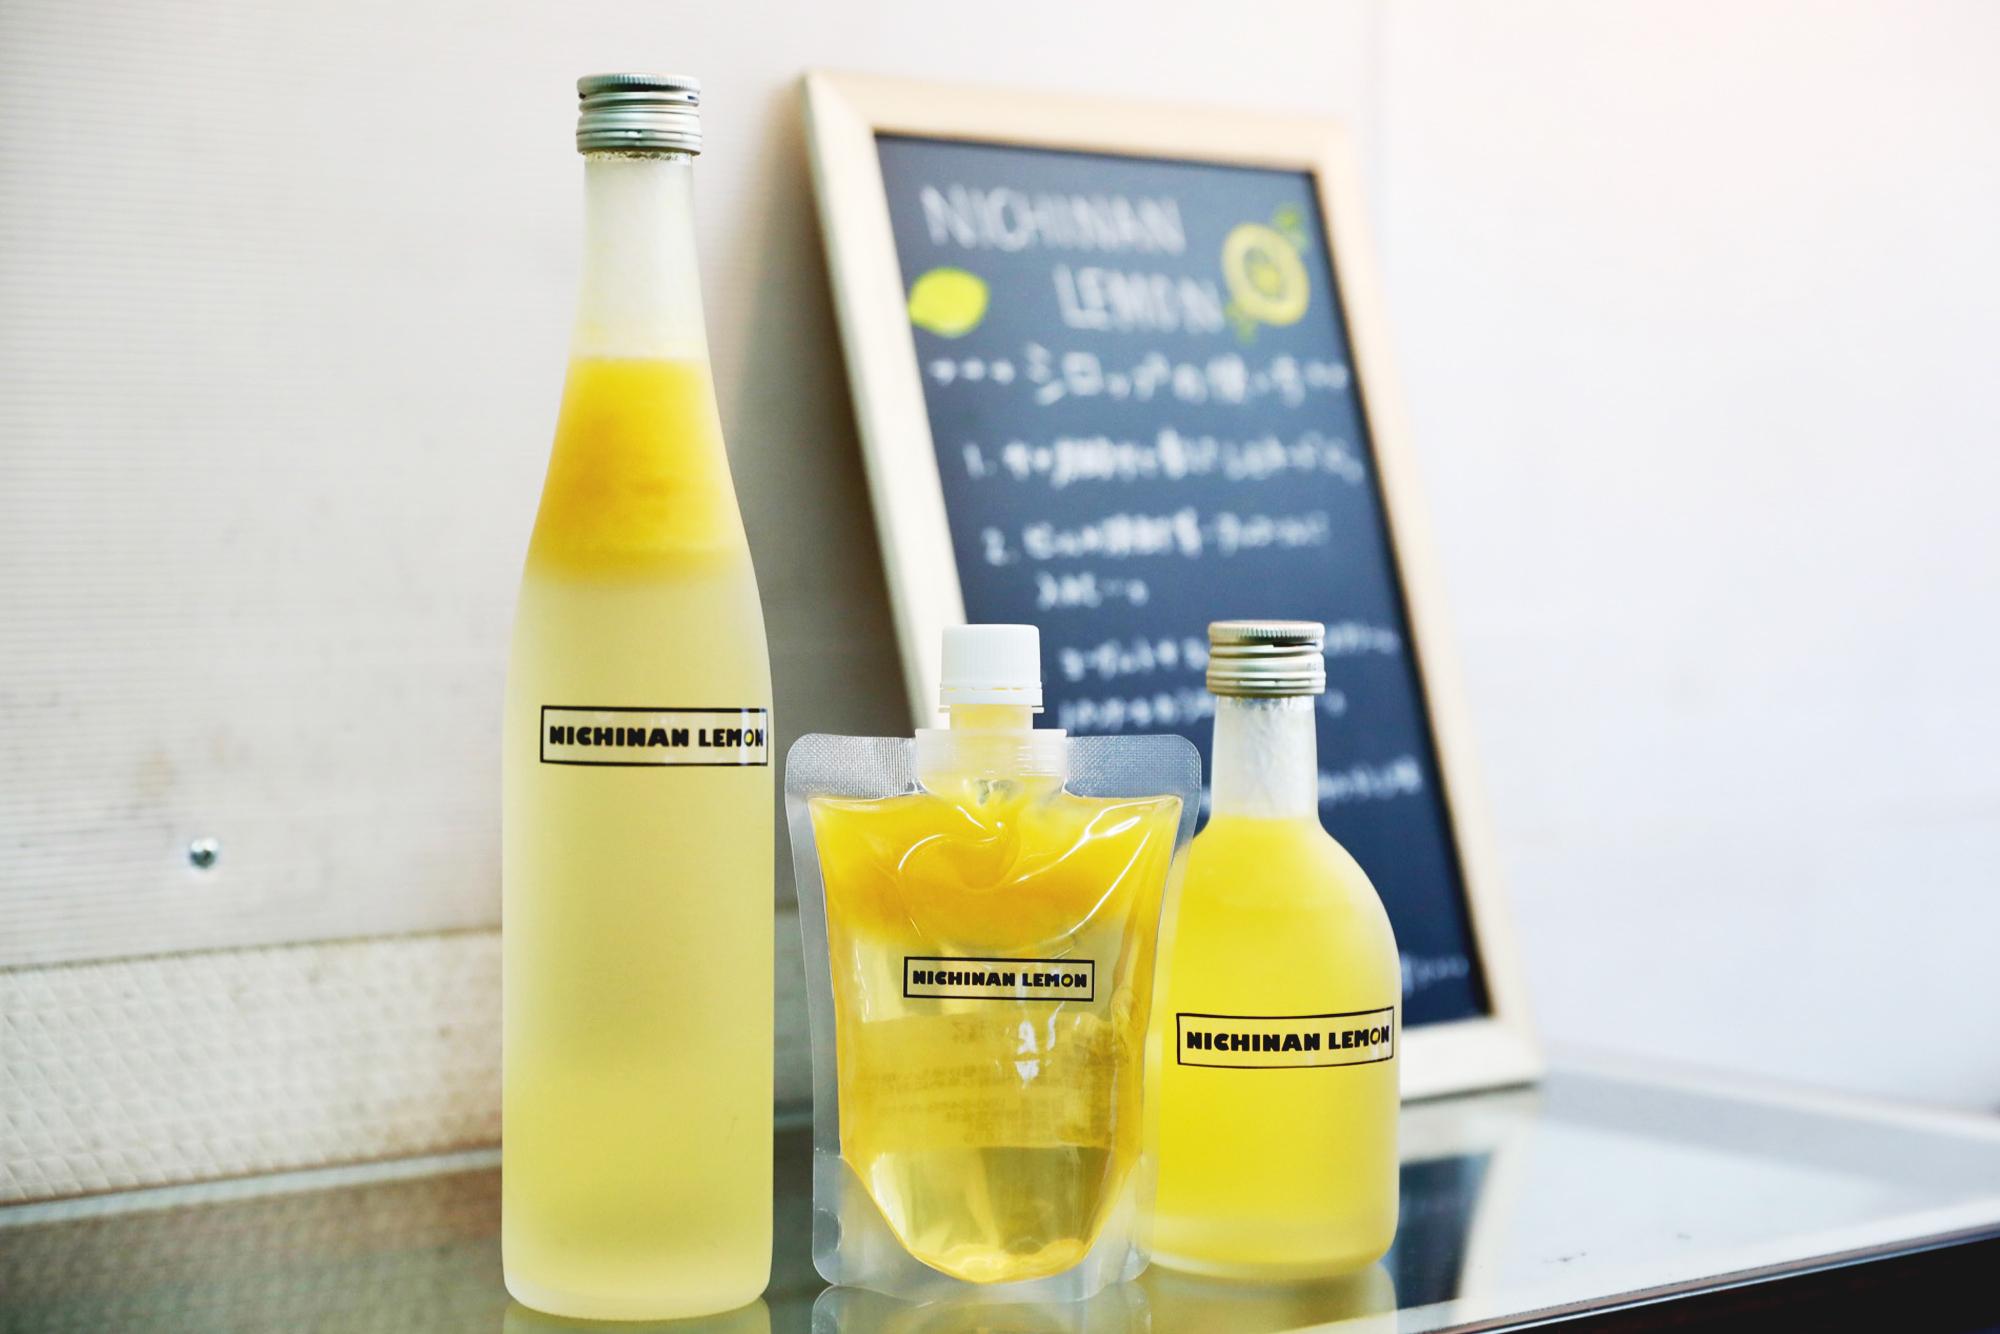 1回のSNS投稿で1トン売れた「日南レモン」。そのレモネードがうますぎた